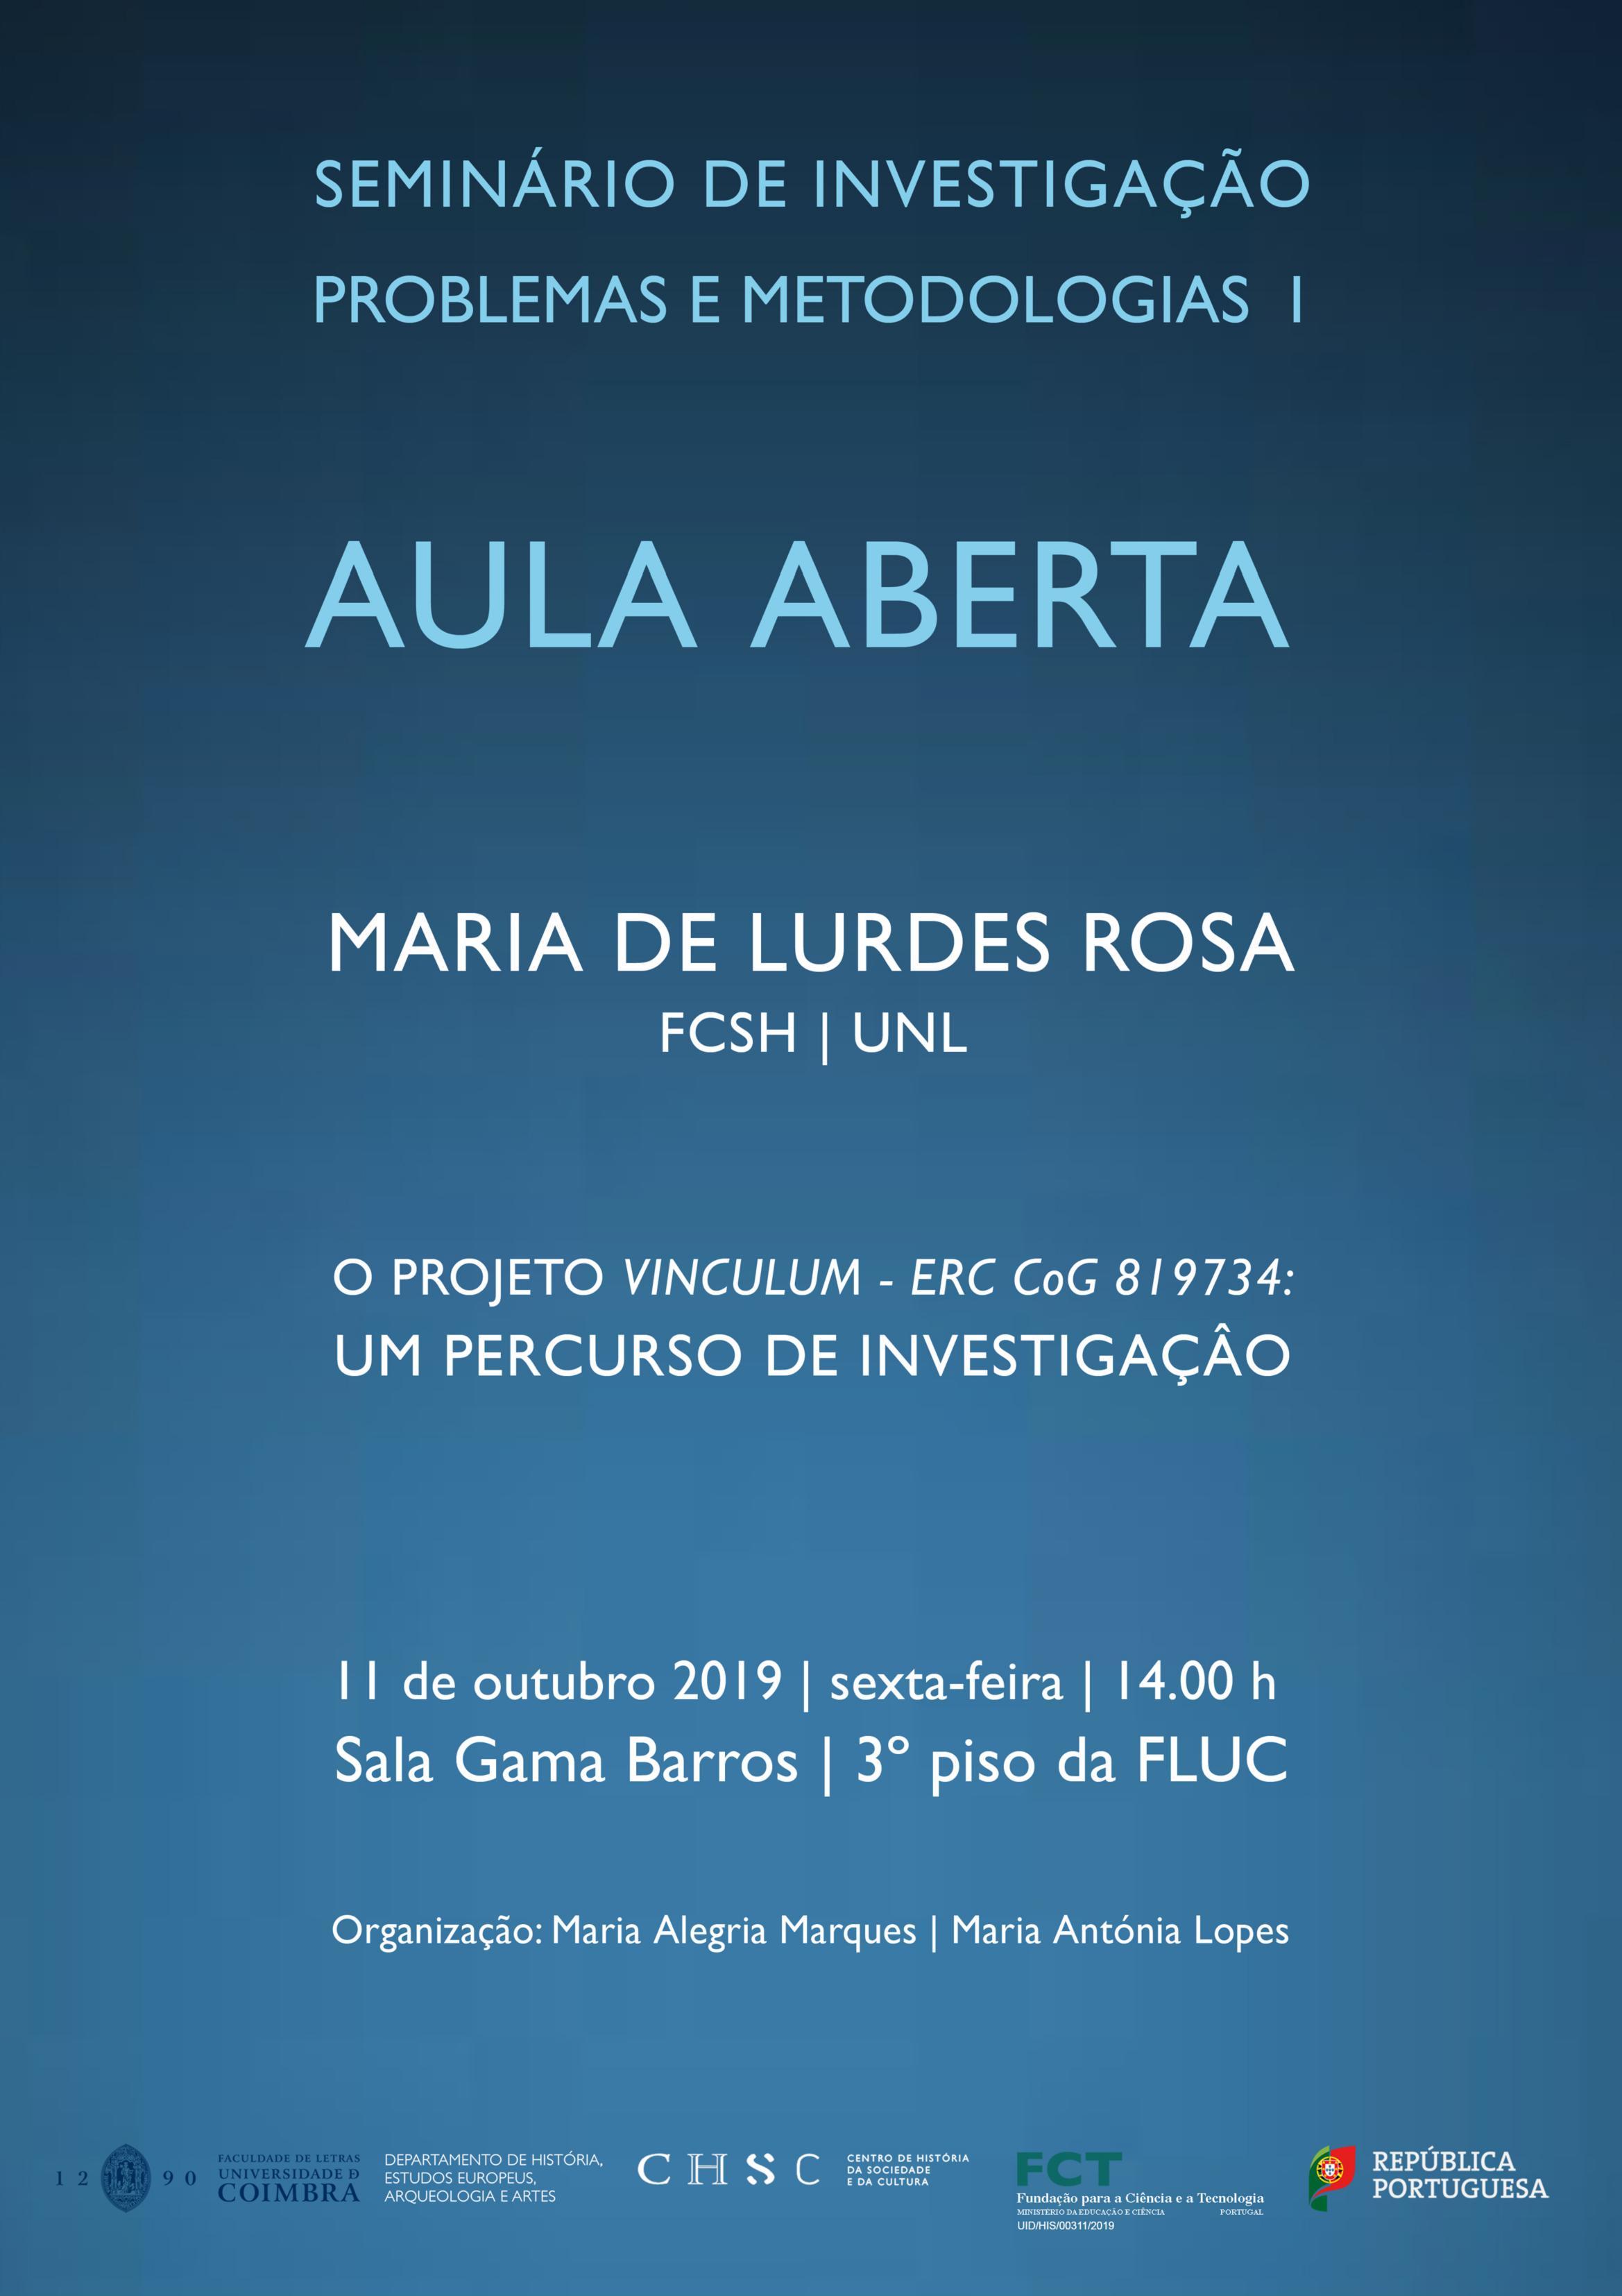 AULA ABERTA – O PROJETO VINCULUM – ERC CoG819734 – UM PERCURSO DE INVESTIGAÇÃO